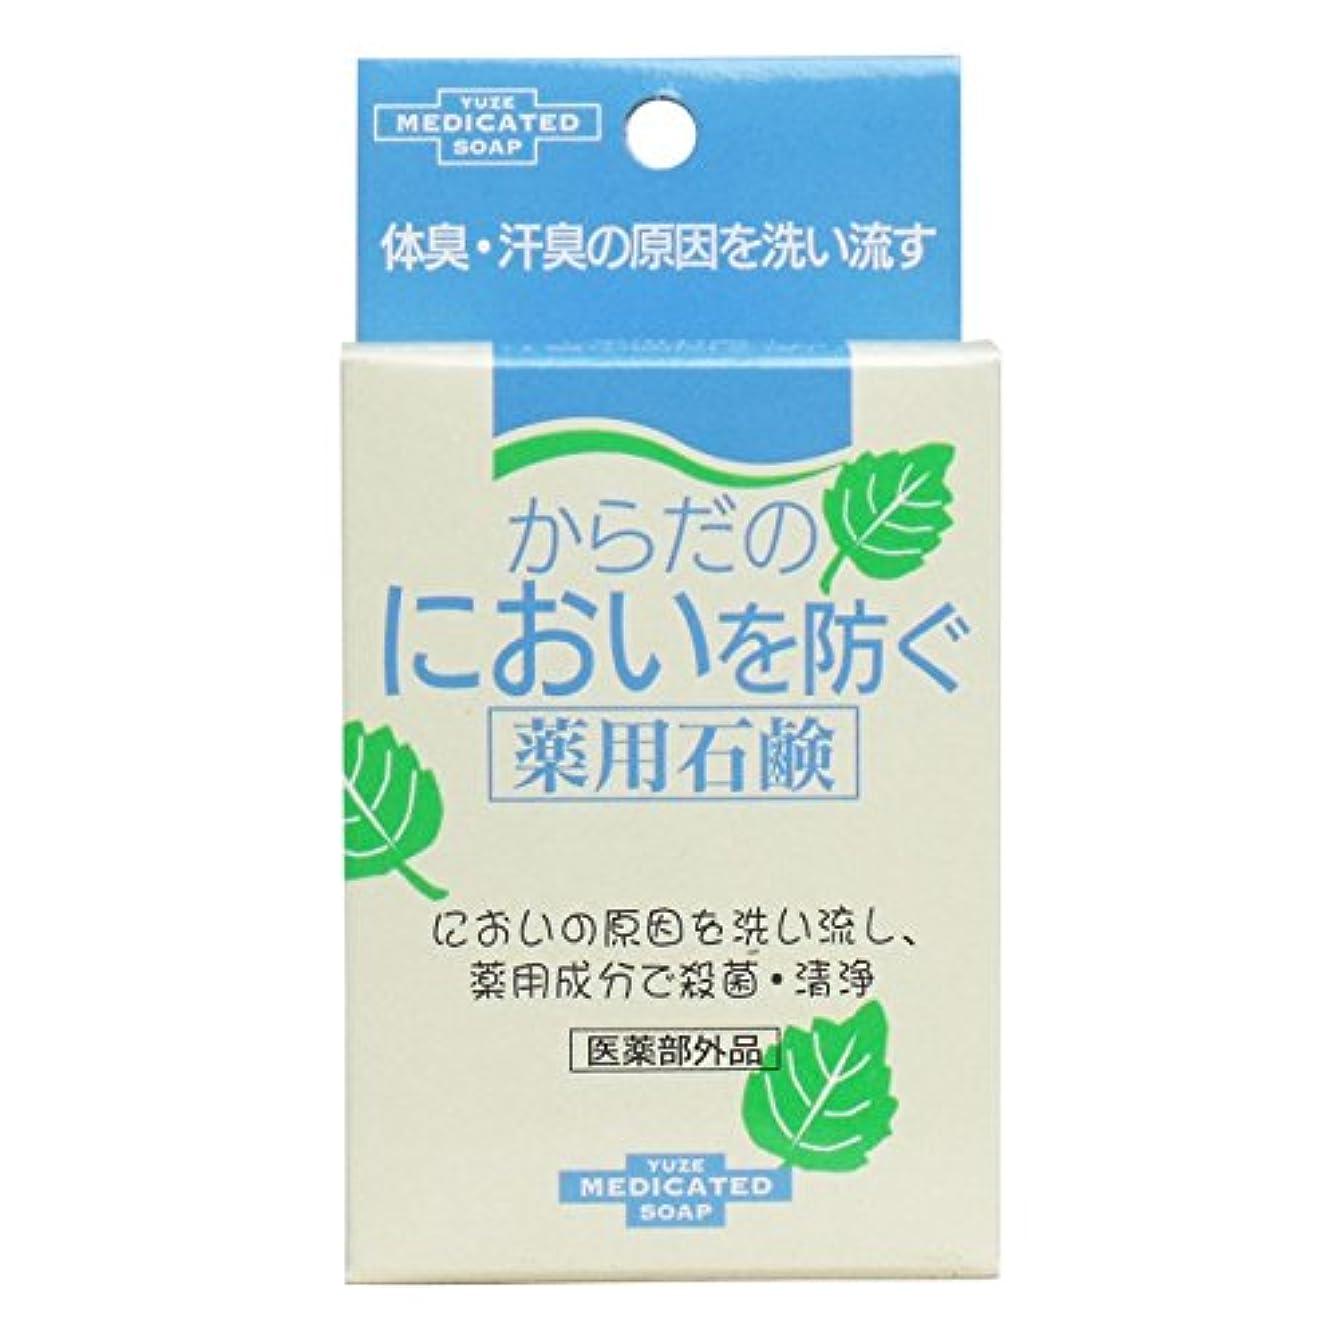 半導体学習不要からだのにおいを防ぐ薬用石鹸 110g ユゼ